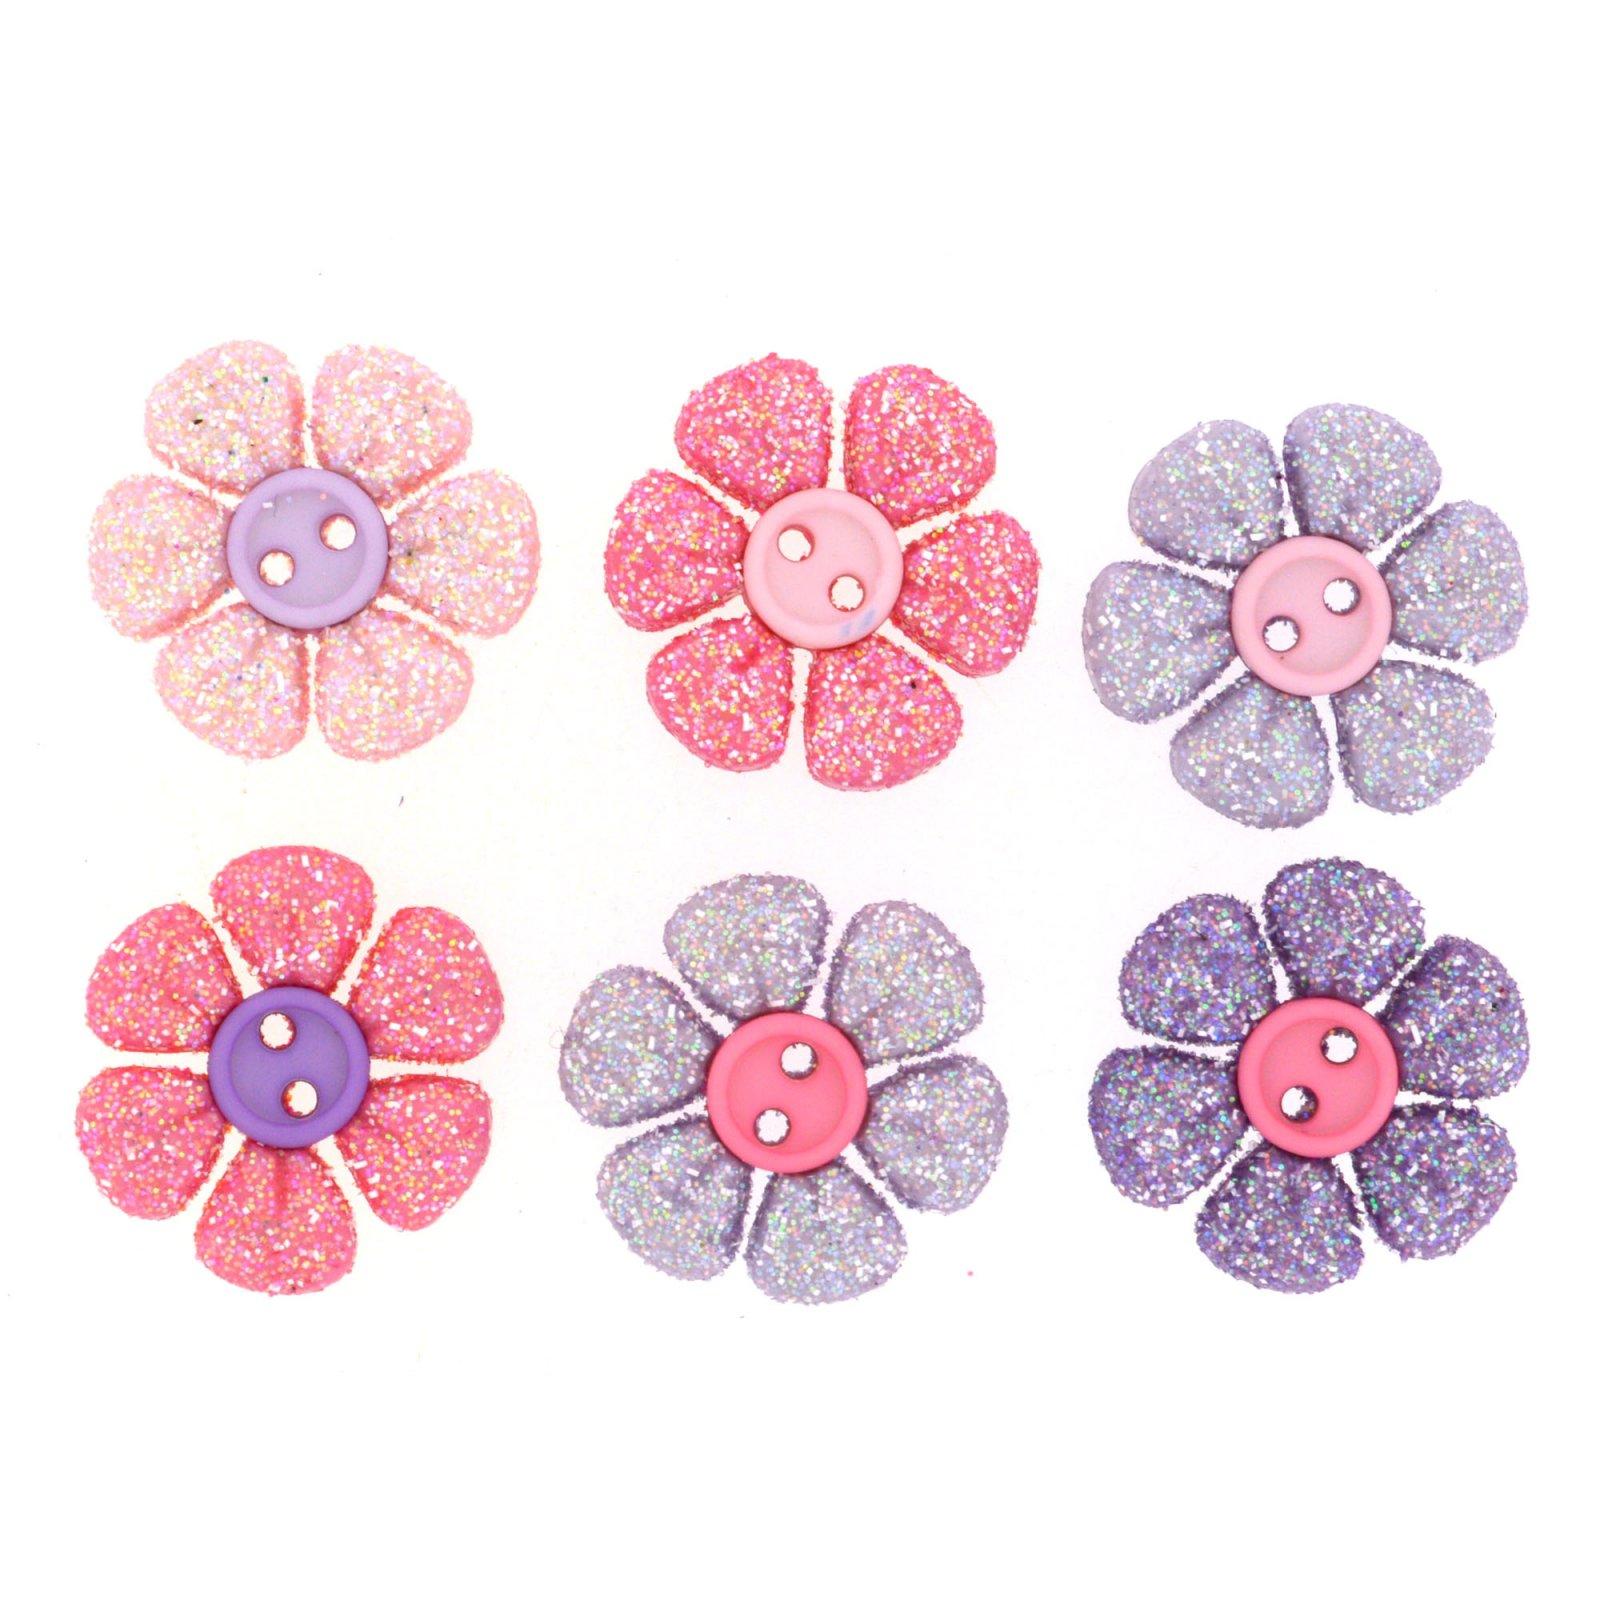 Princess Petals Set of 6 Glitter Buttons by Dress it Up